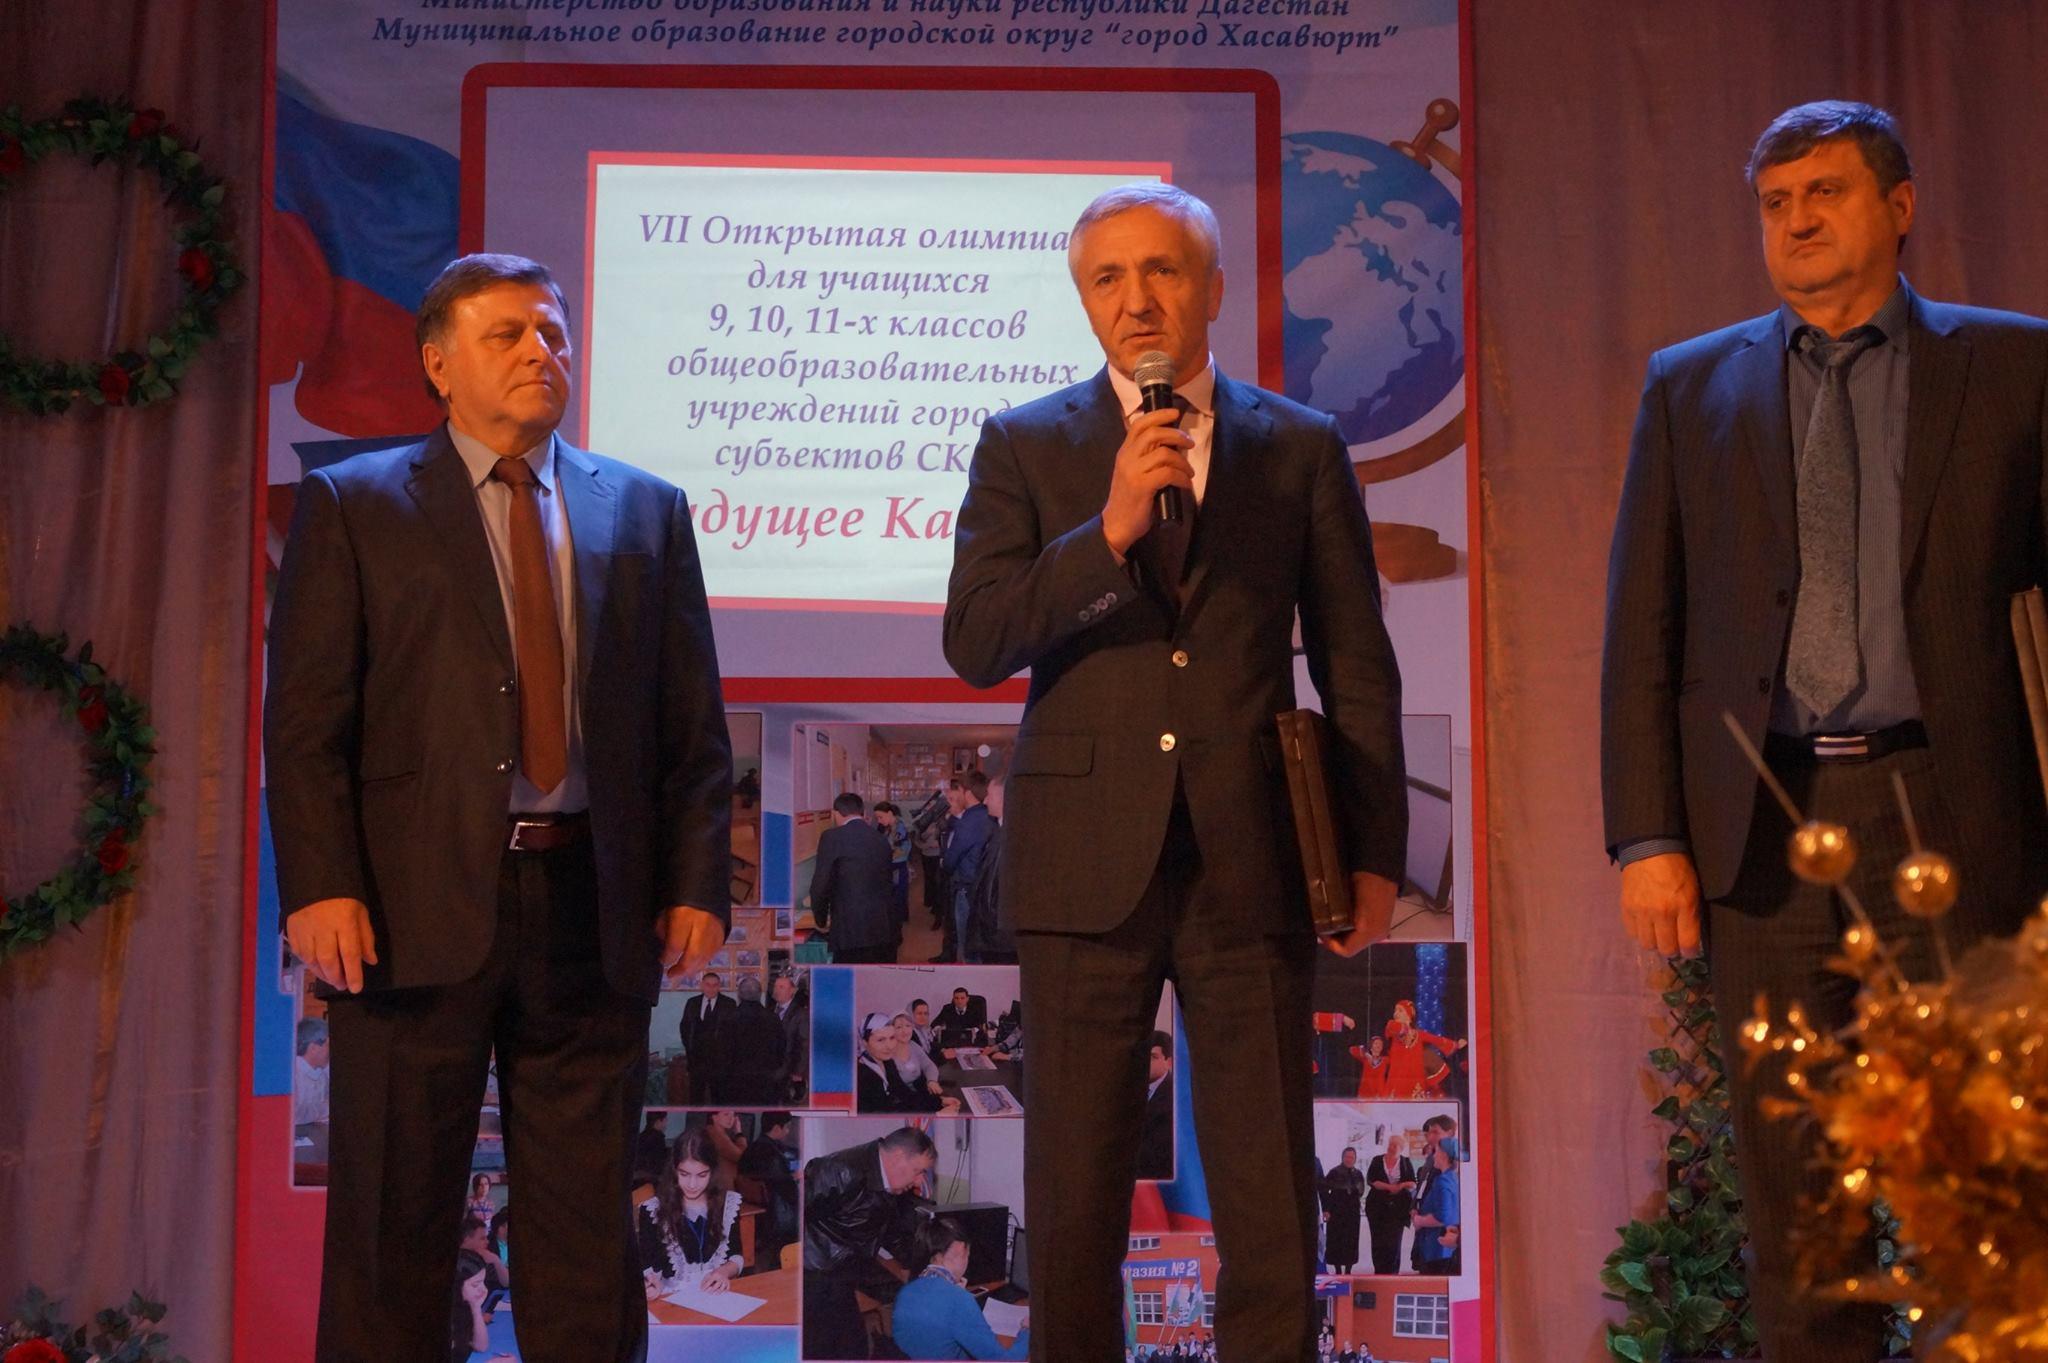 В Хасавюрте проходит VII Открытая олимпиада среди школьников СКФО